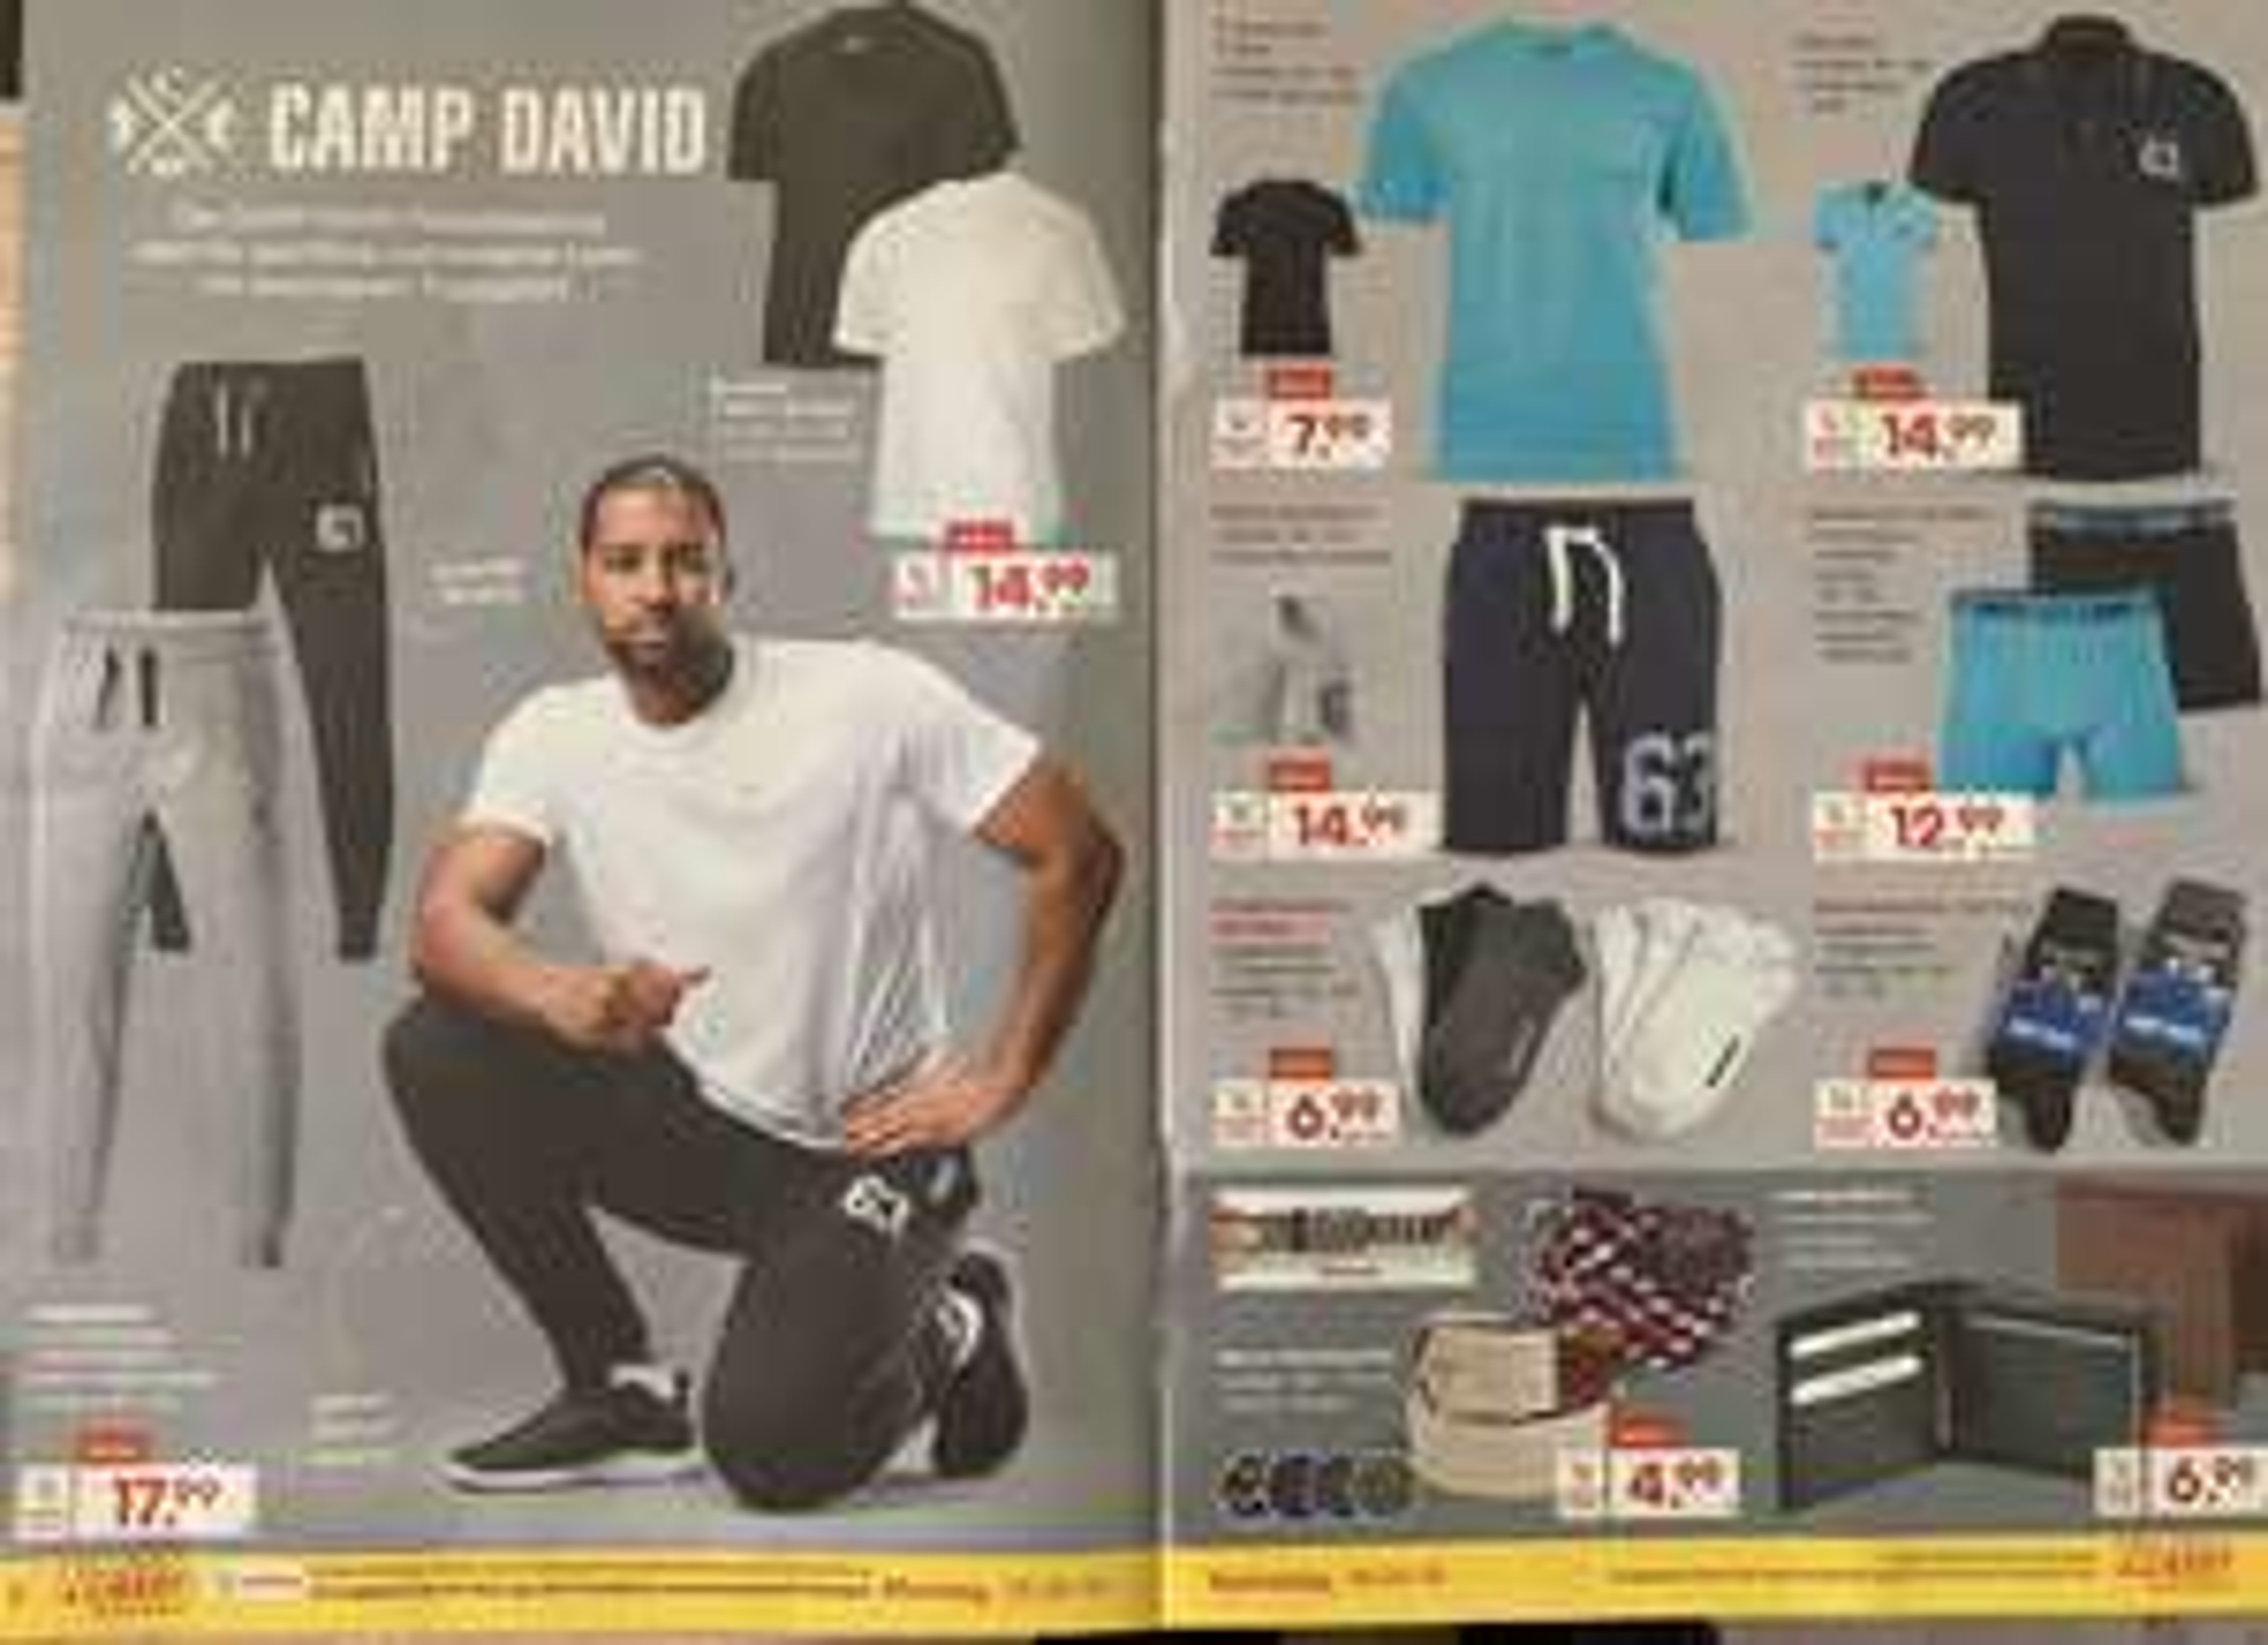 Camp David,verschiedene Artikel, Joggingshose, T-Shirts, Polo Hemden